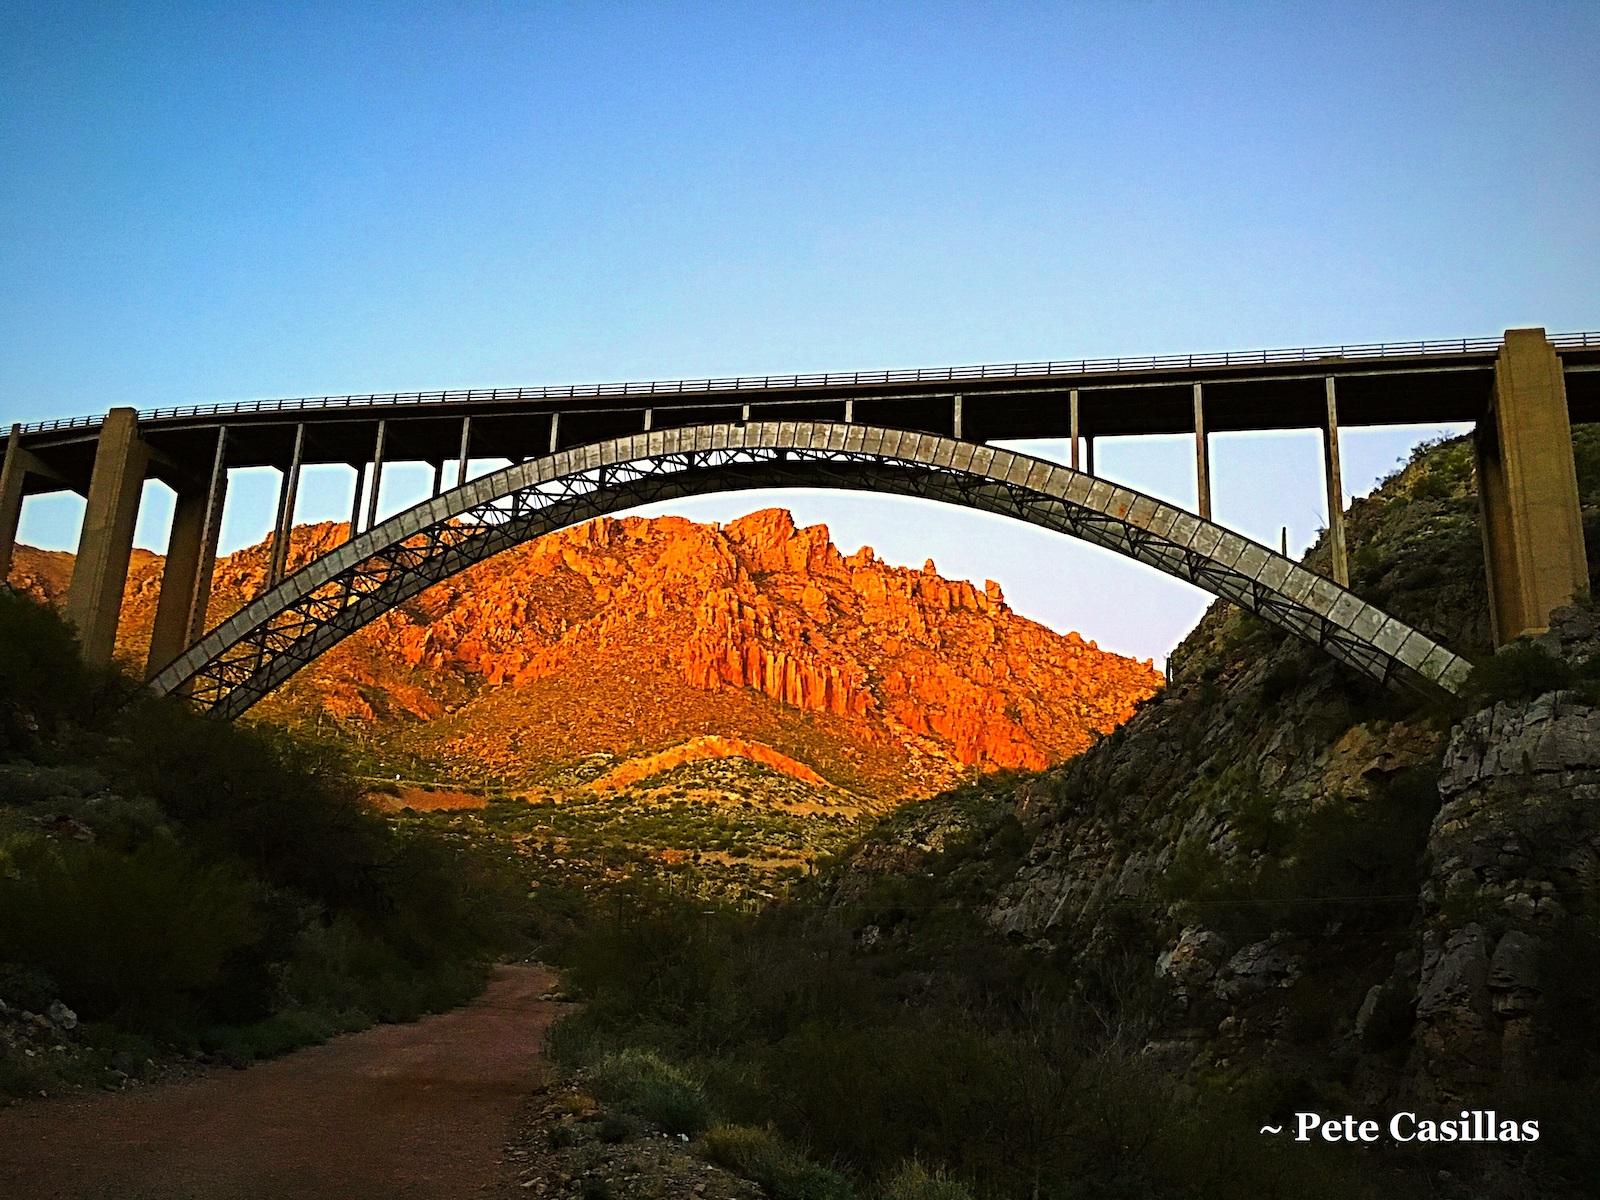 Bridge over Queen Creek. Photo by Pete Casillas